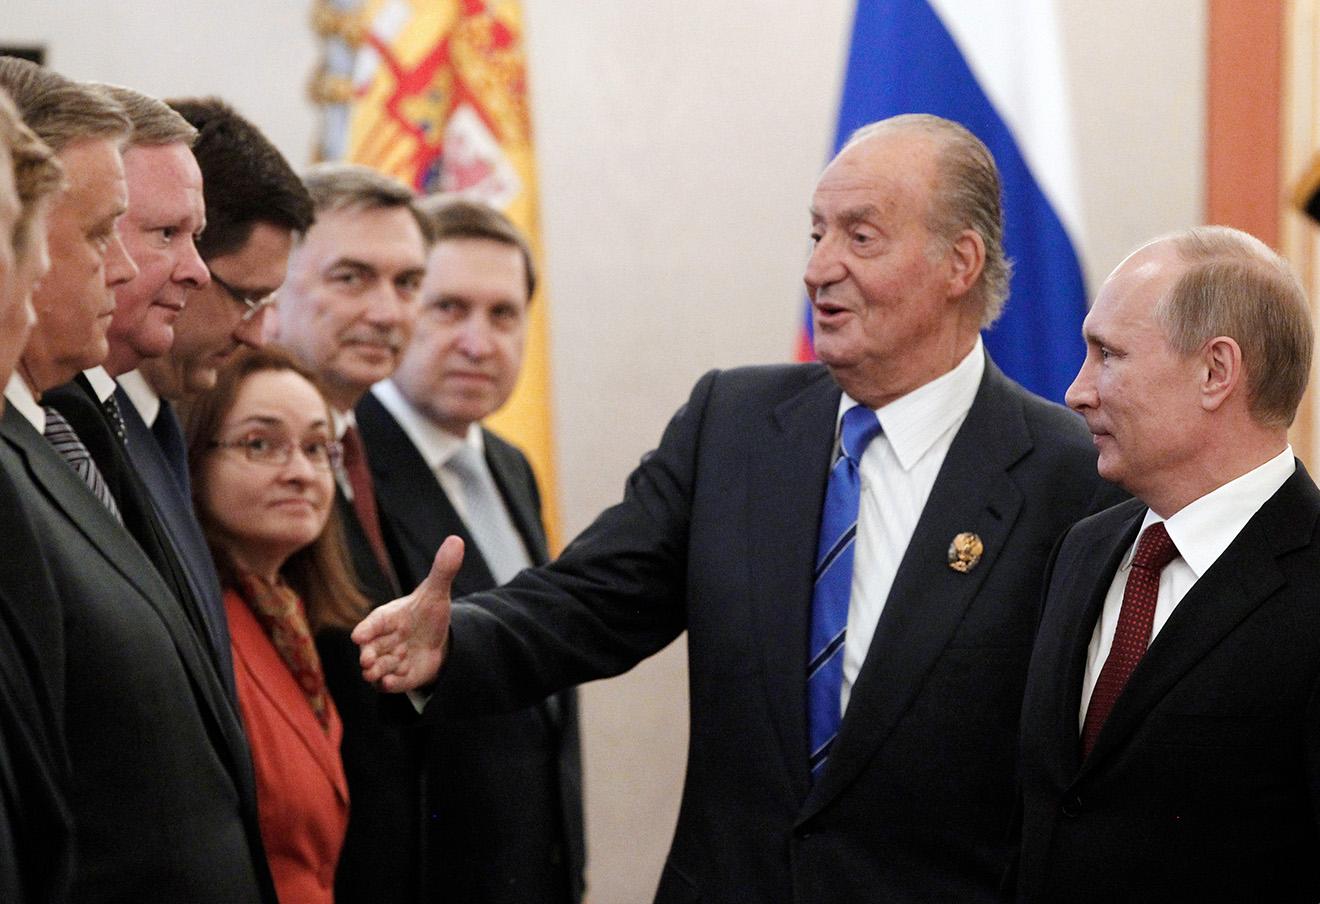 Король Испании Хуан Карлос и Владимир Путин в Кремле.